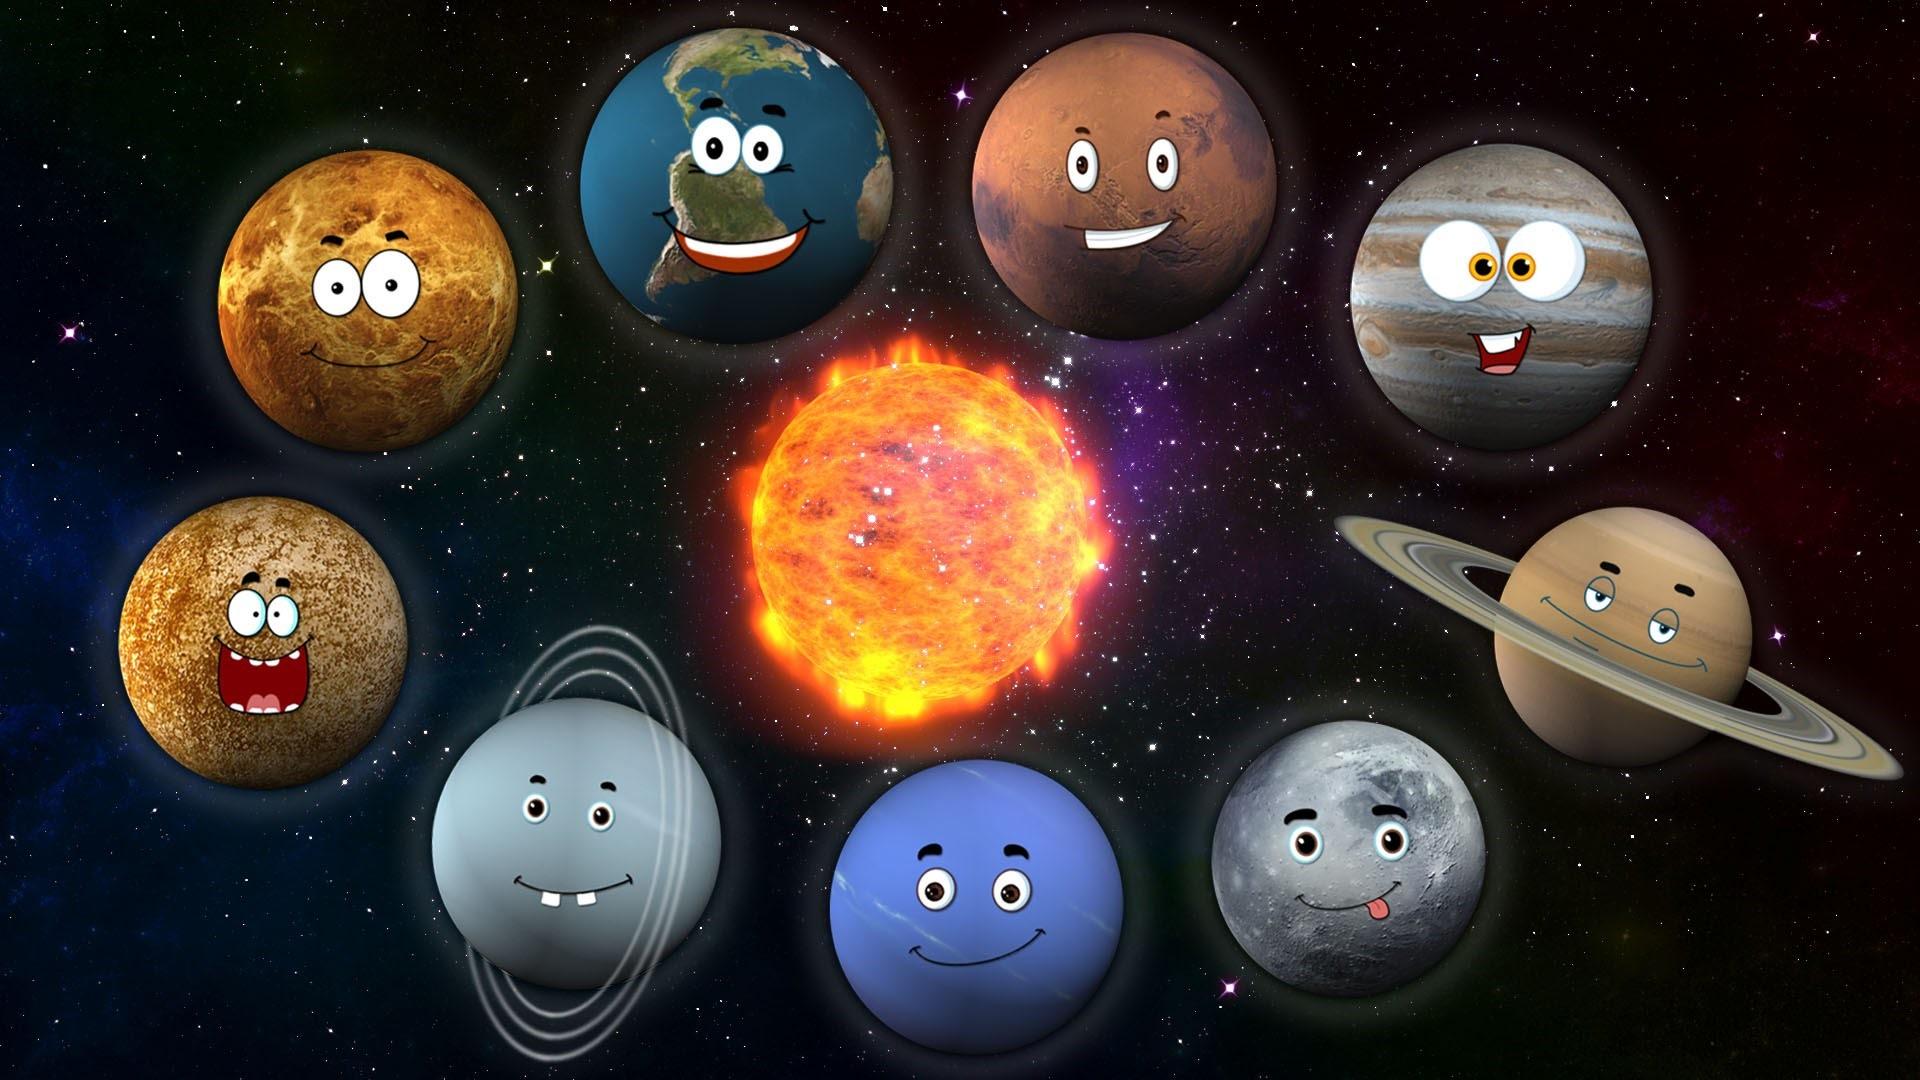 является десертным покажи картинки планет того, пользователи